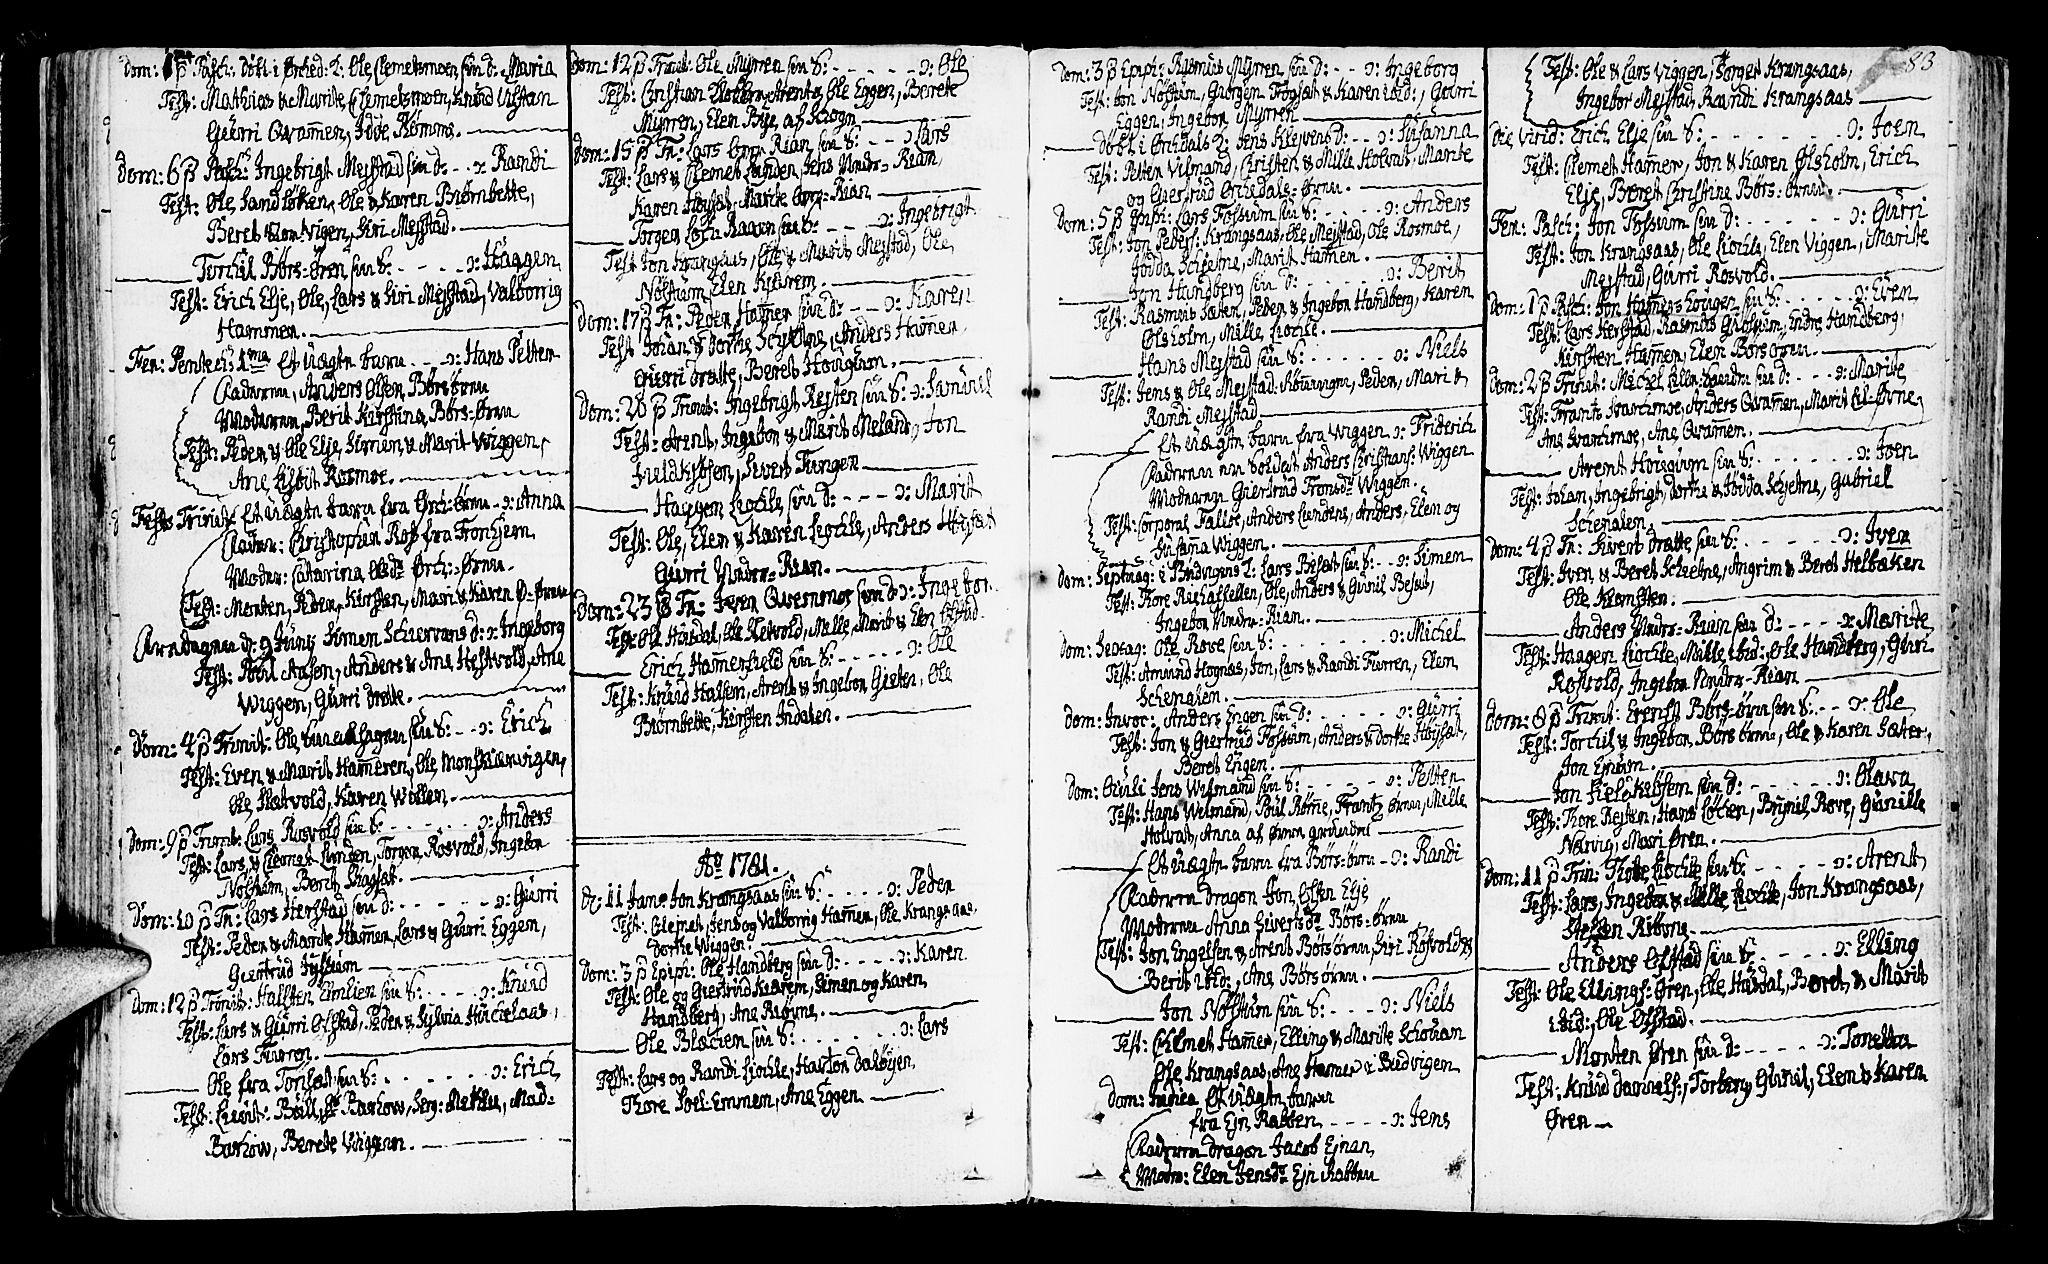 SAT, Ministerialprotokoller, klokkerbøker og fødselsregistre - Sør-Trøndelag, 665/L0768: Ministerialbok nr. 665A03, 1754-1803, s. 83